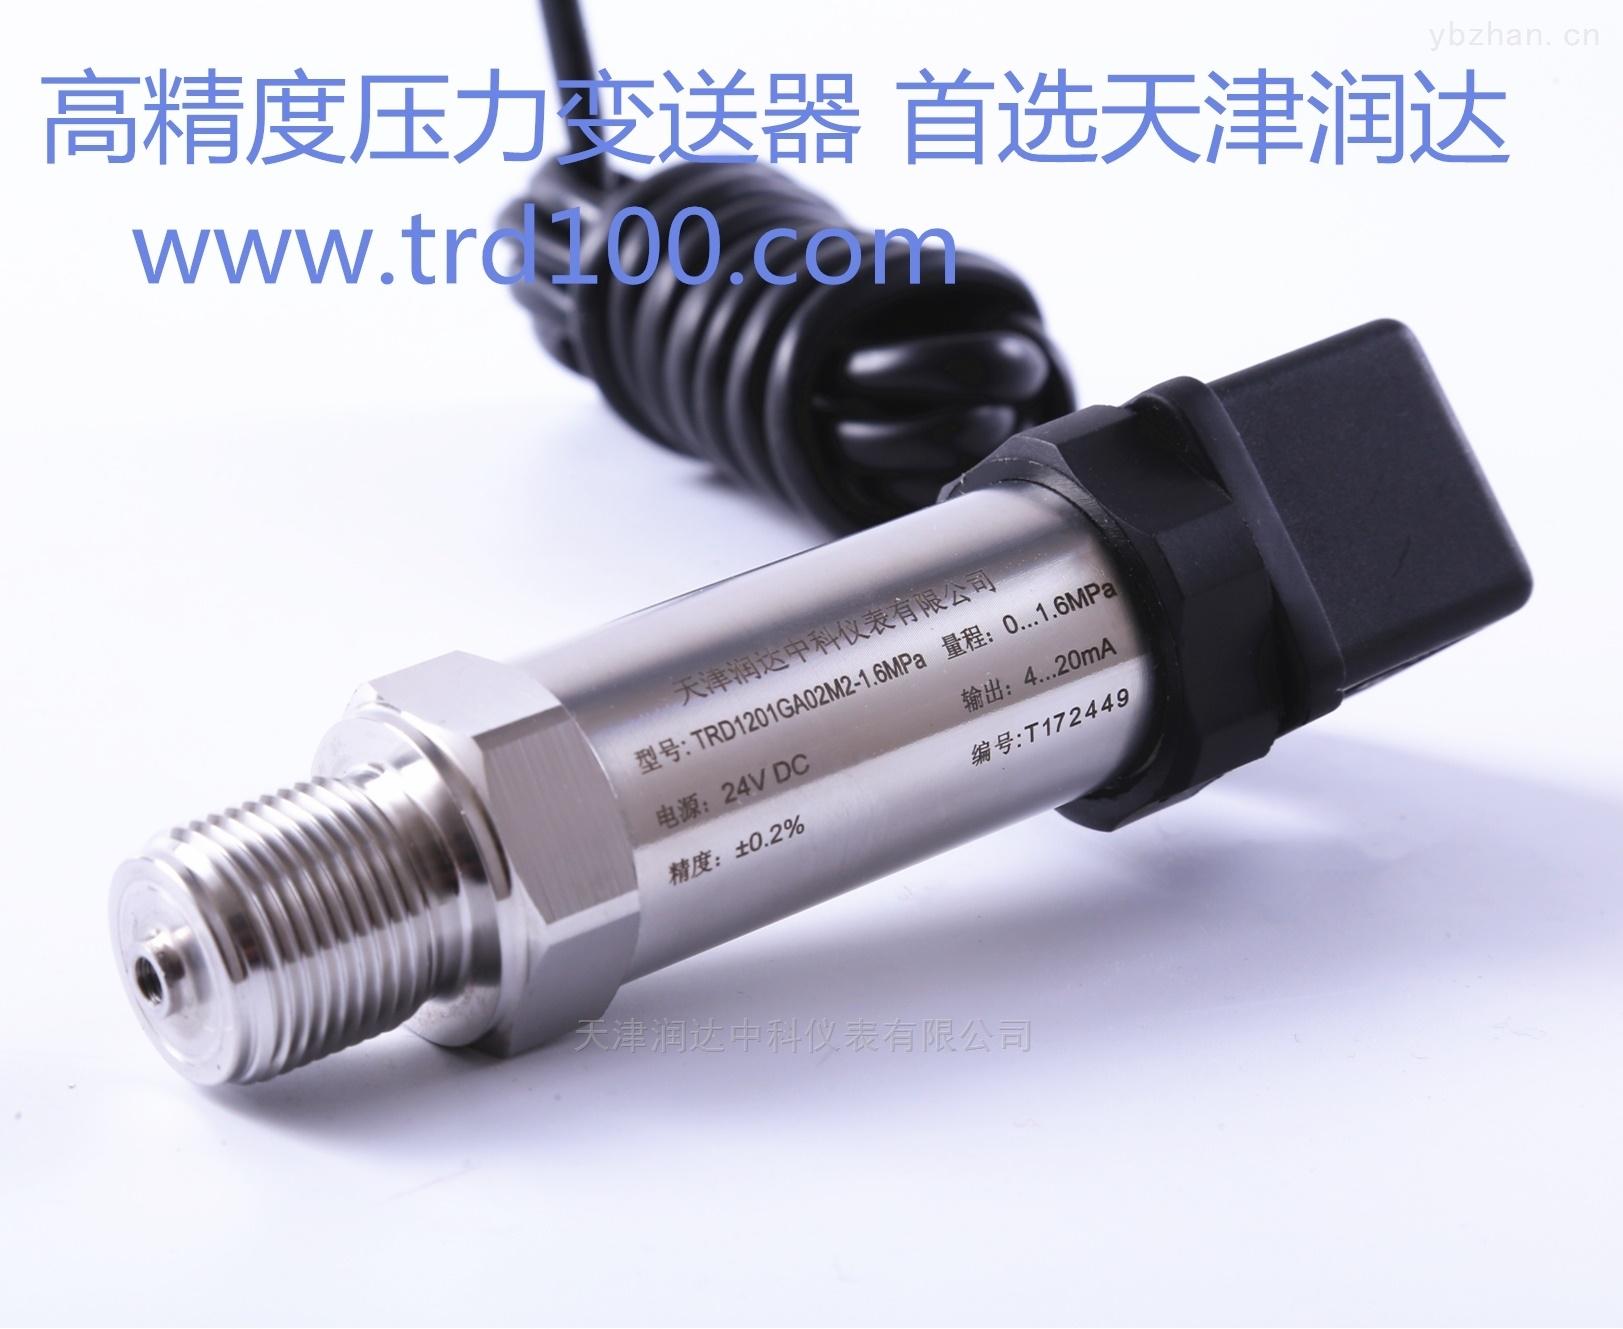 TRD120-天津壓力變送器